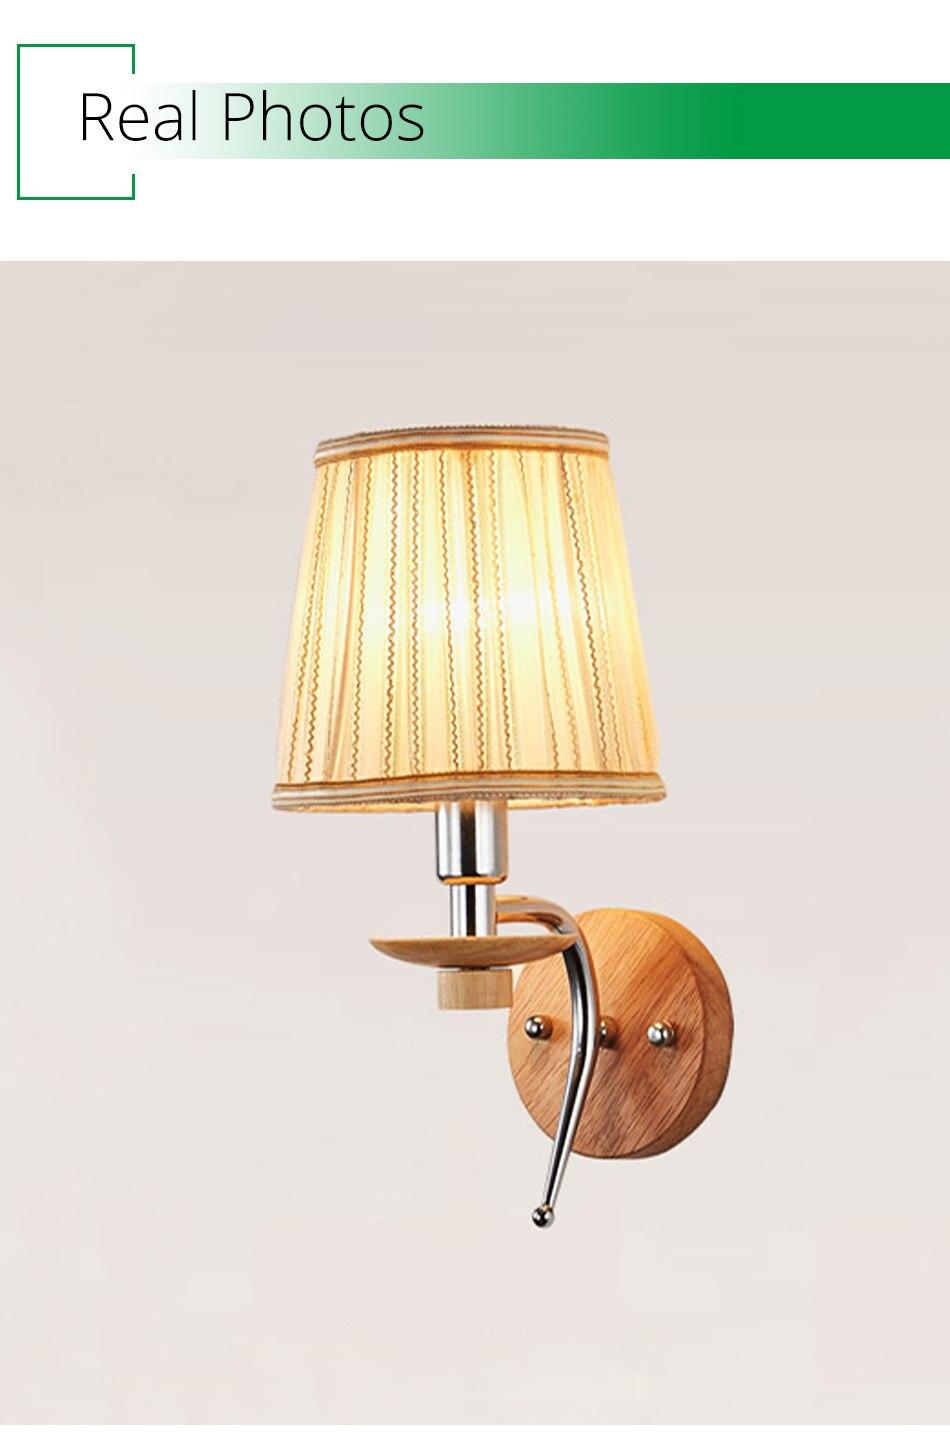 90 260v white e14 wall lamps aluminum bathroom living room indoor lighting modern wall light